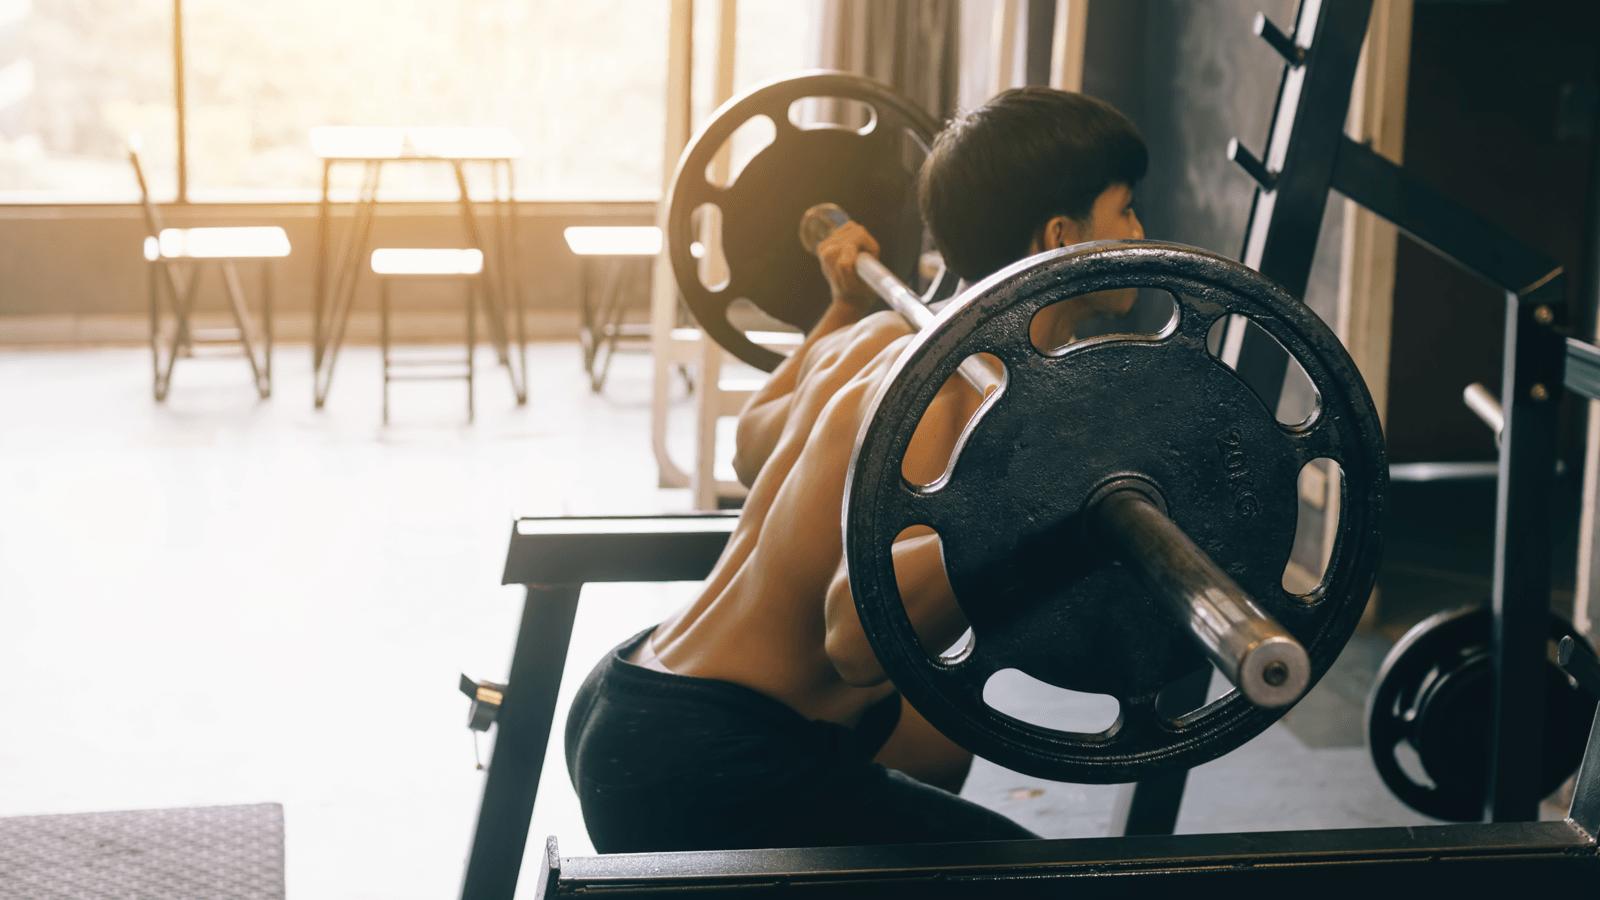 Tập gym buổi sáng và những điều bạn nên biết - Swequity